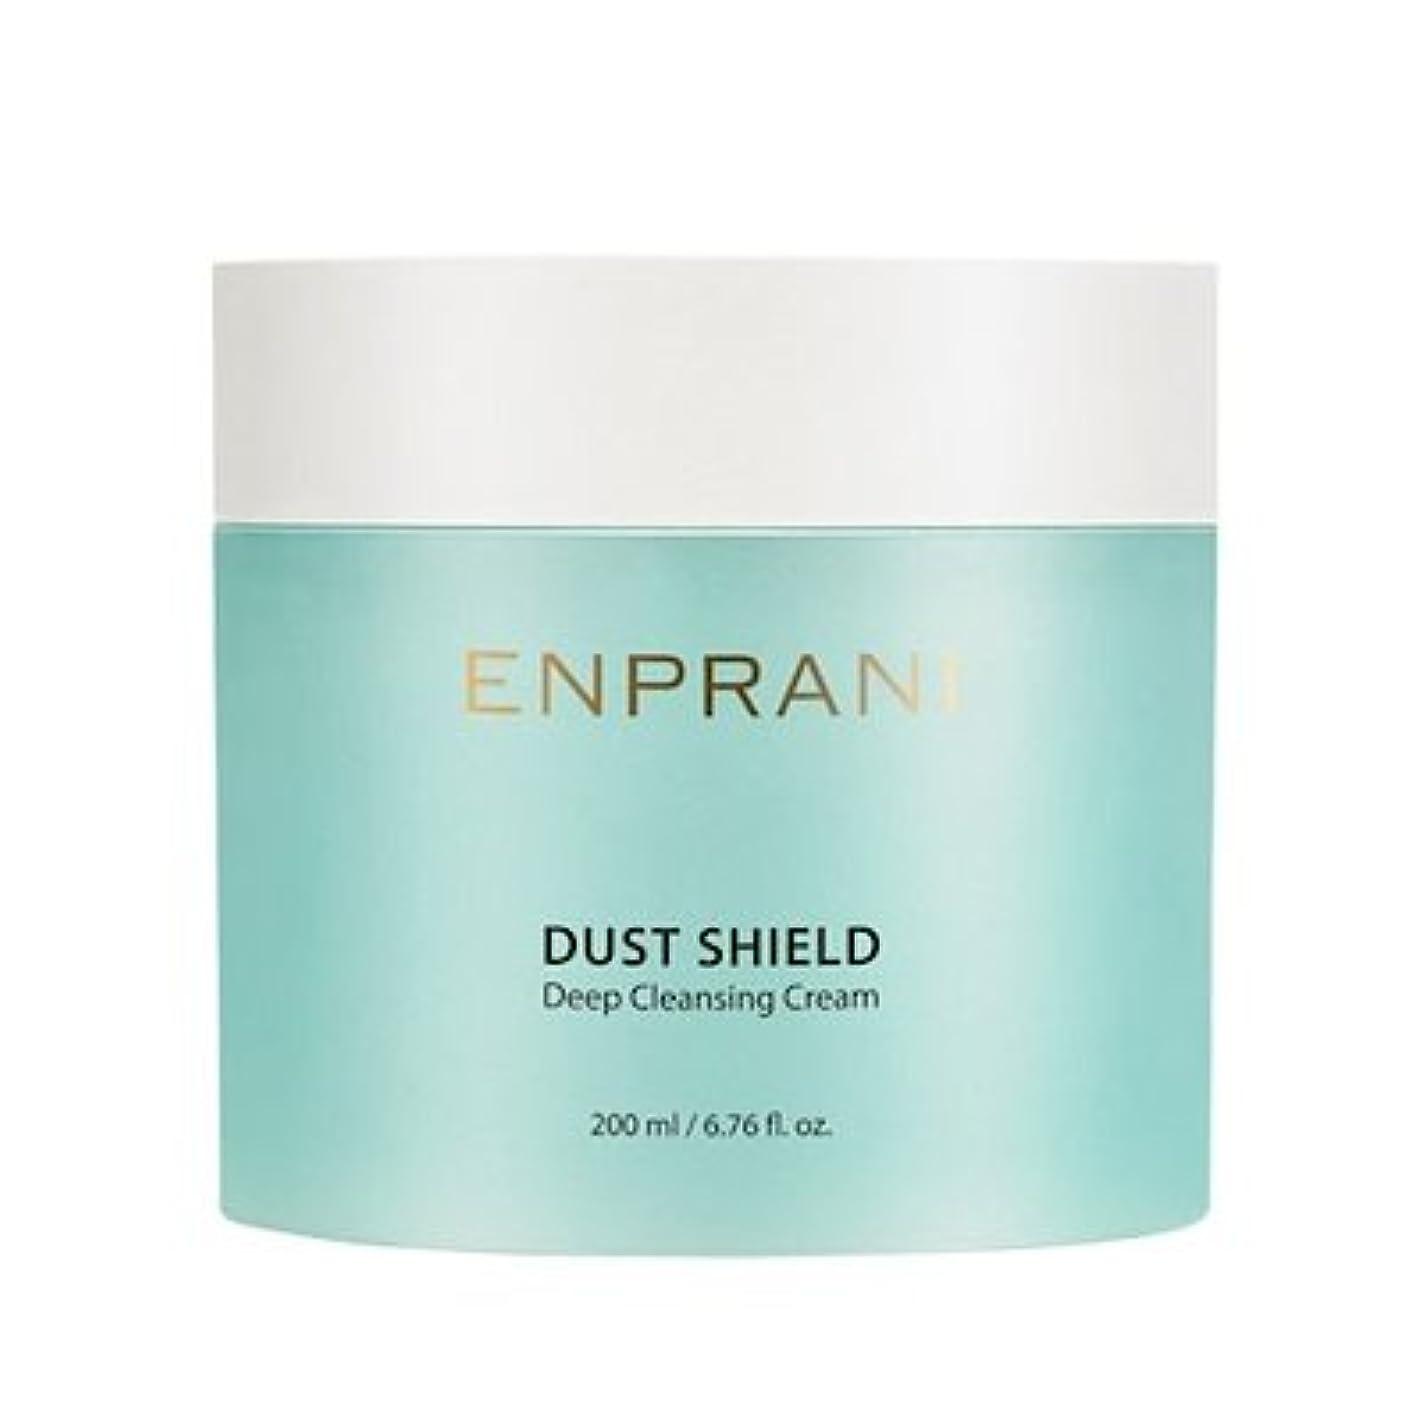 火山ママ通路ENPRANI Dust Shield Deep Cleansing Cream エンプラニ ダストシールドディープクレンジングクリーム200ml [並行輸入品]